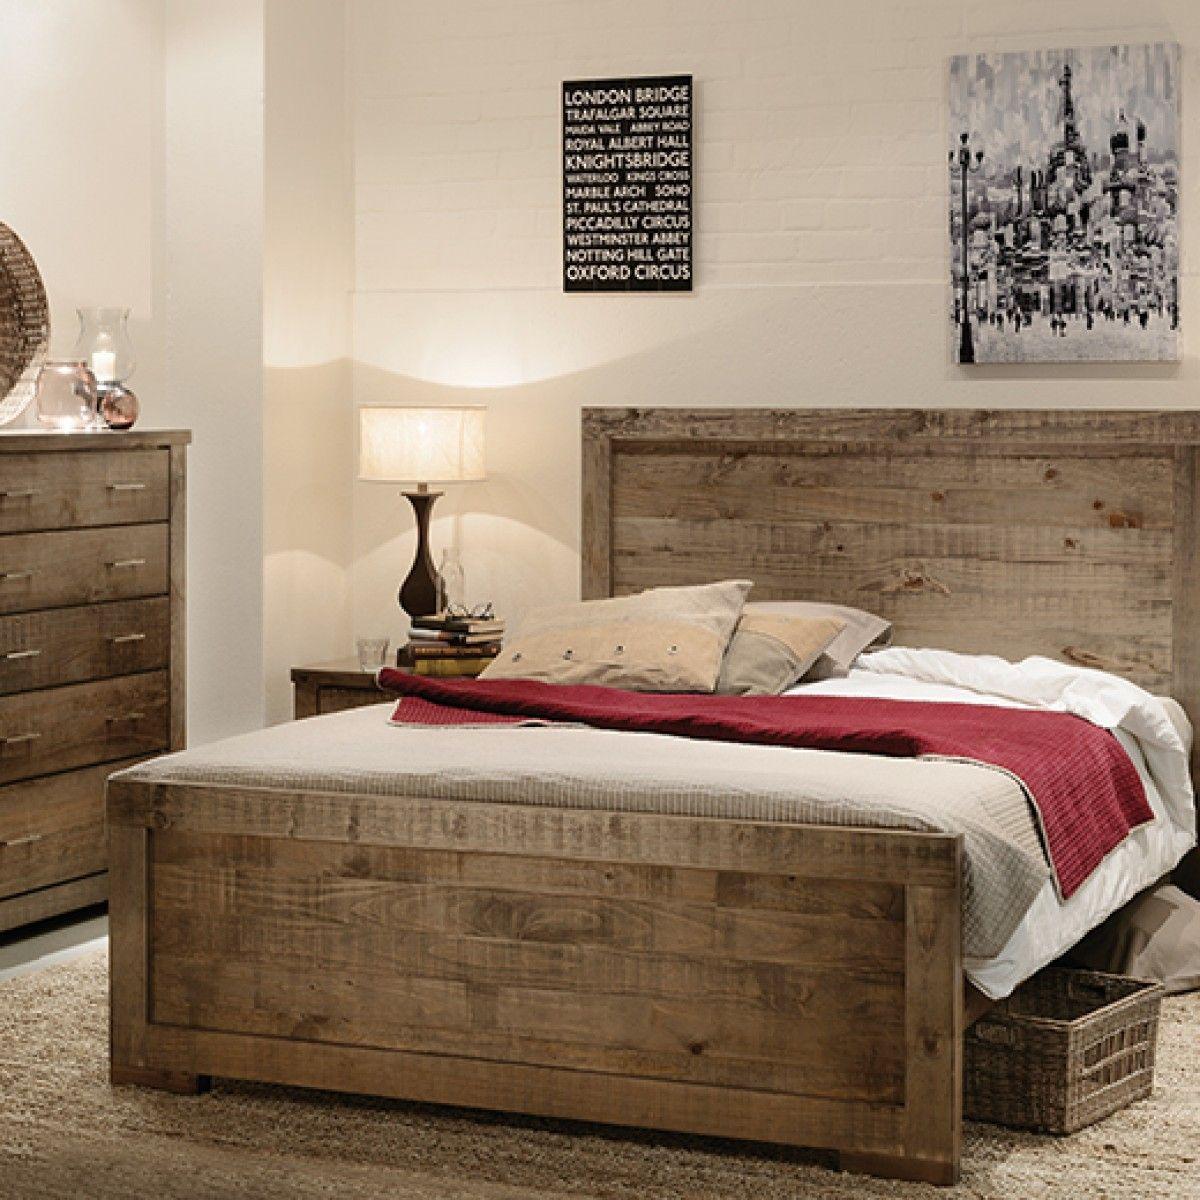 buy online early settler wood bed frame house pinterest wood